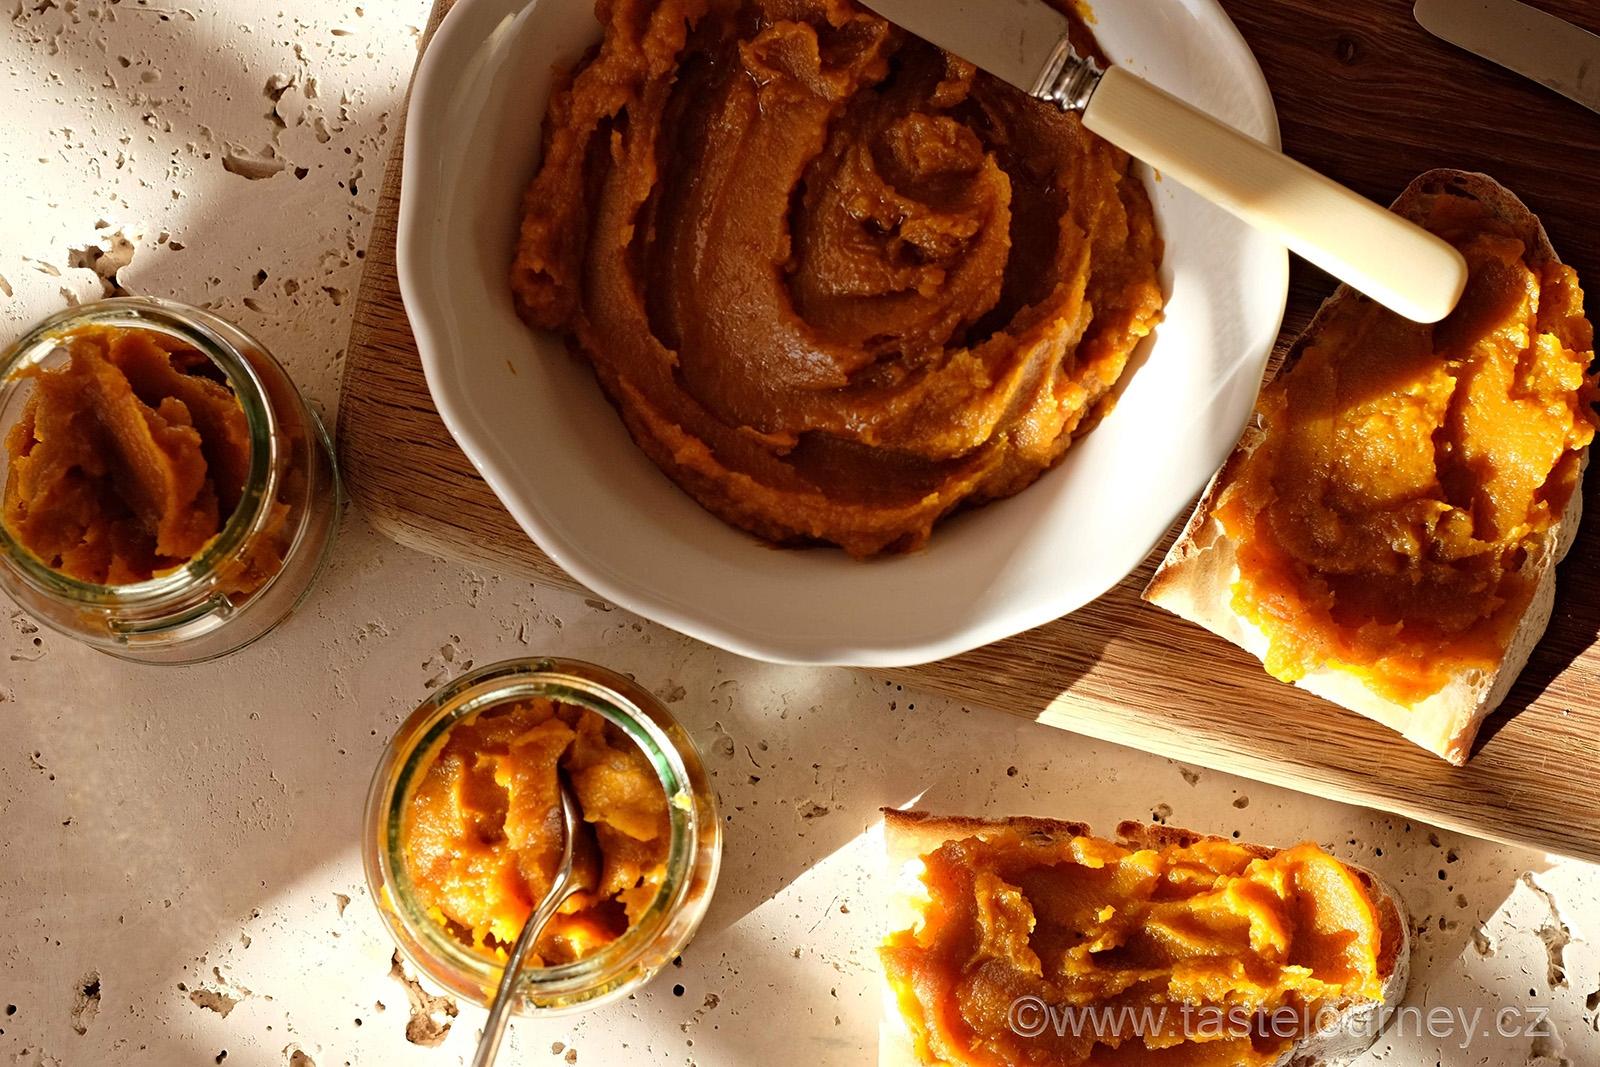 Na chleba jako máslo anebo jiné různé použití